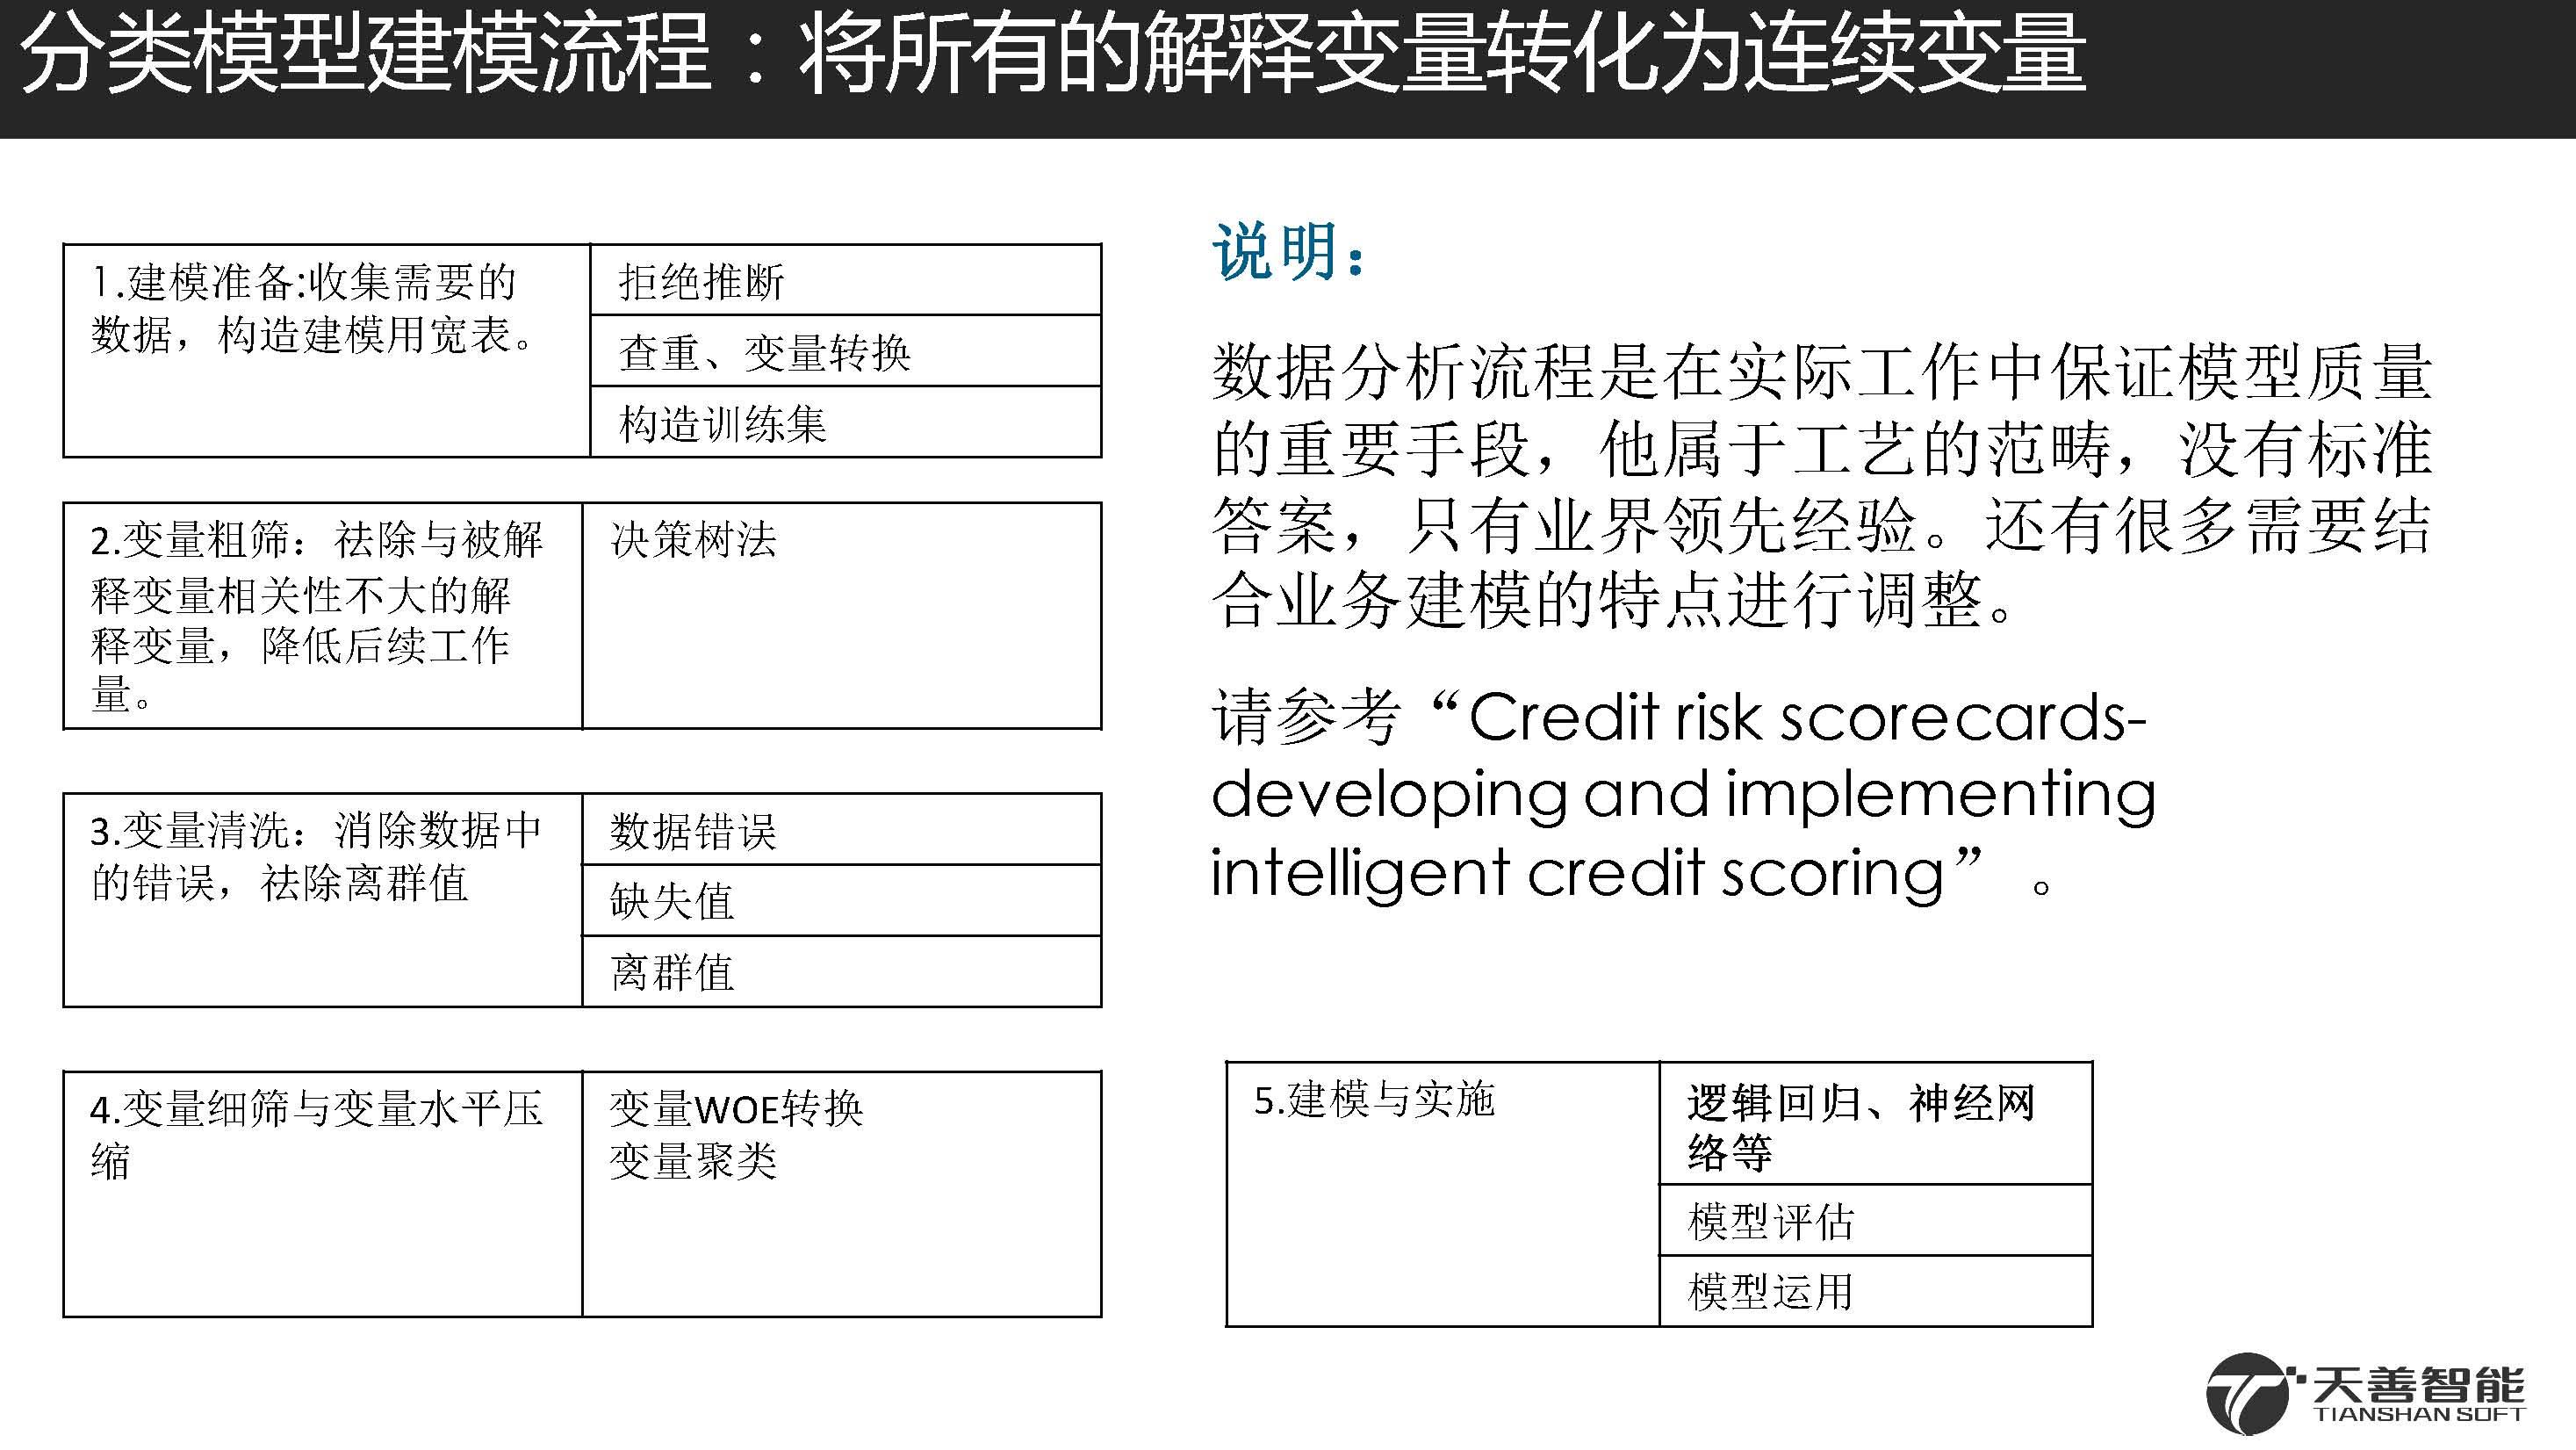 2汽车金融信用违约预测模型案例_页面_46.jpg